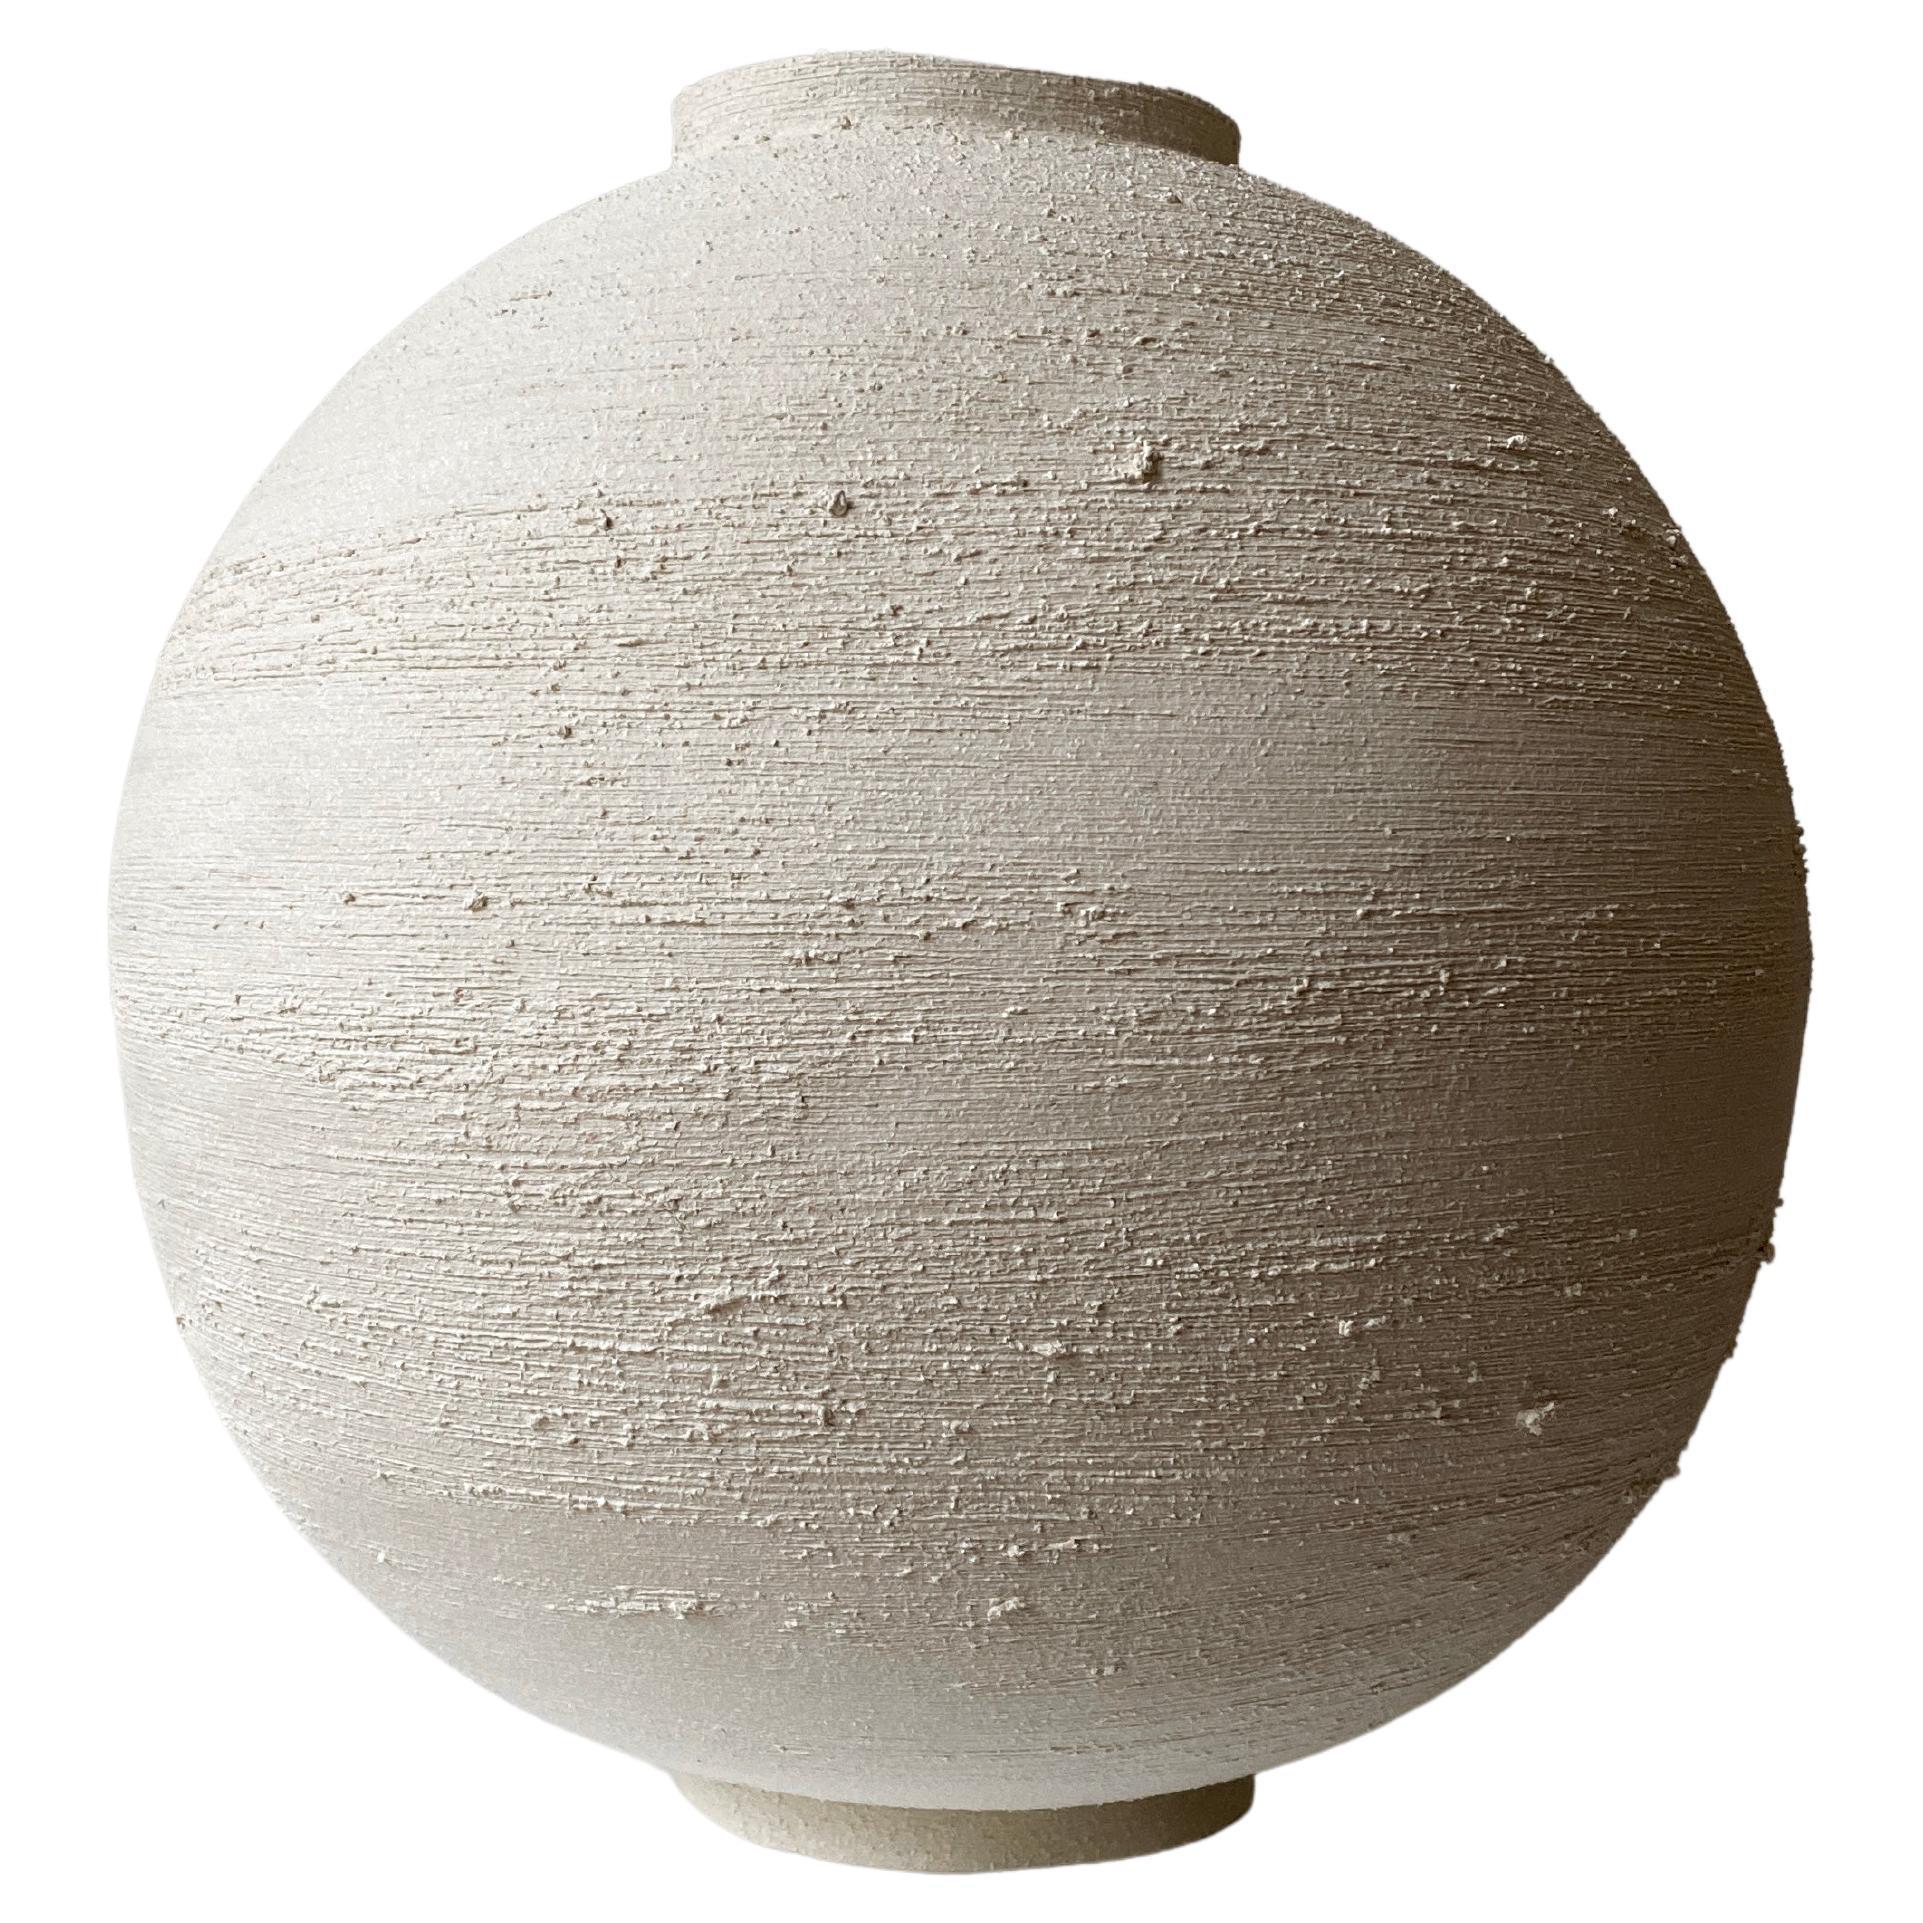 Wind Moon Jar by Laura Pasquino